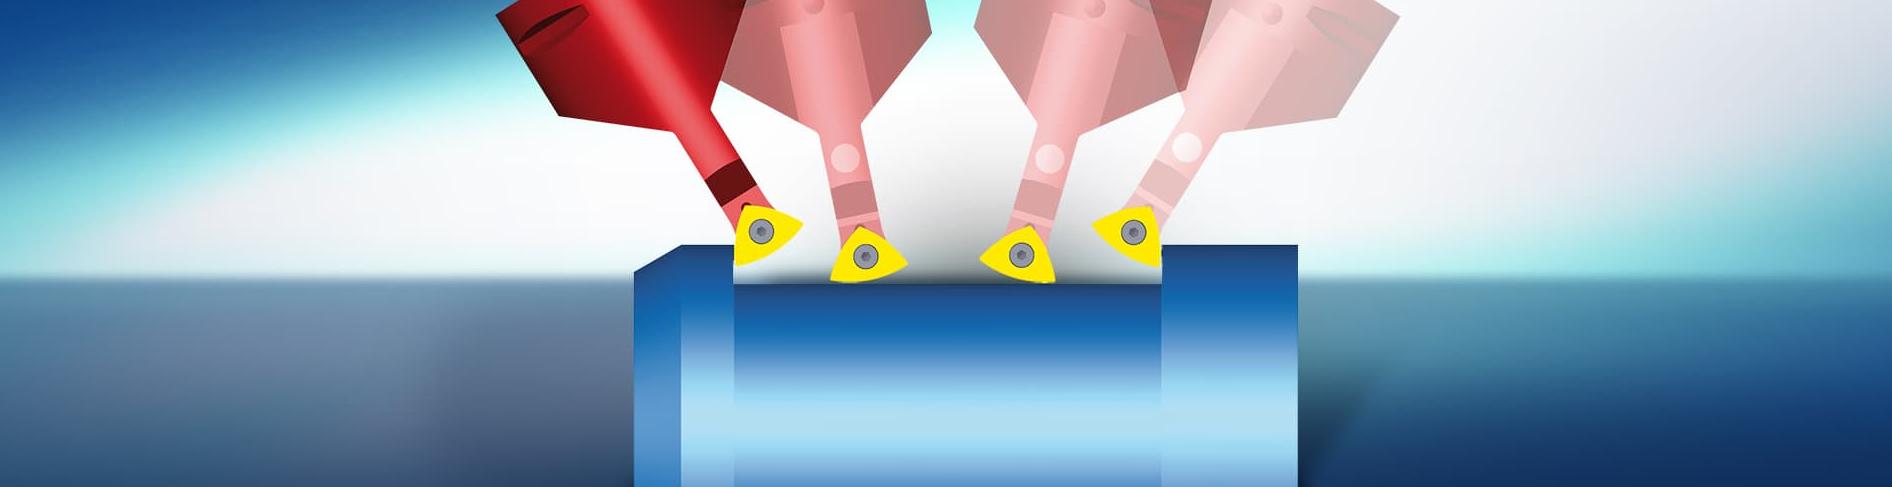 hyperMILL 3X płynne toczenie rollfeed